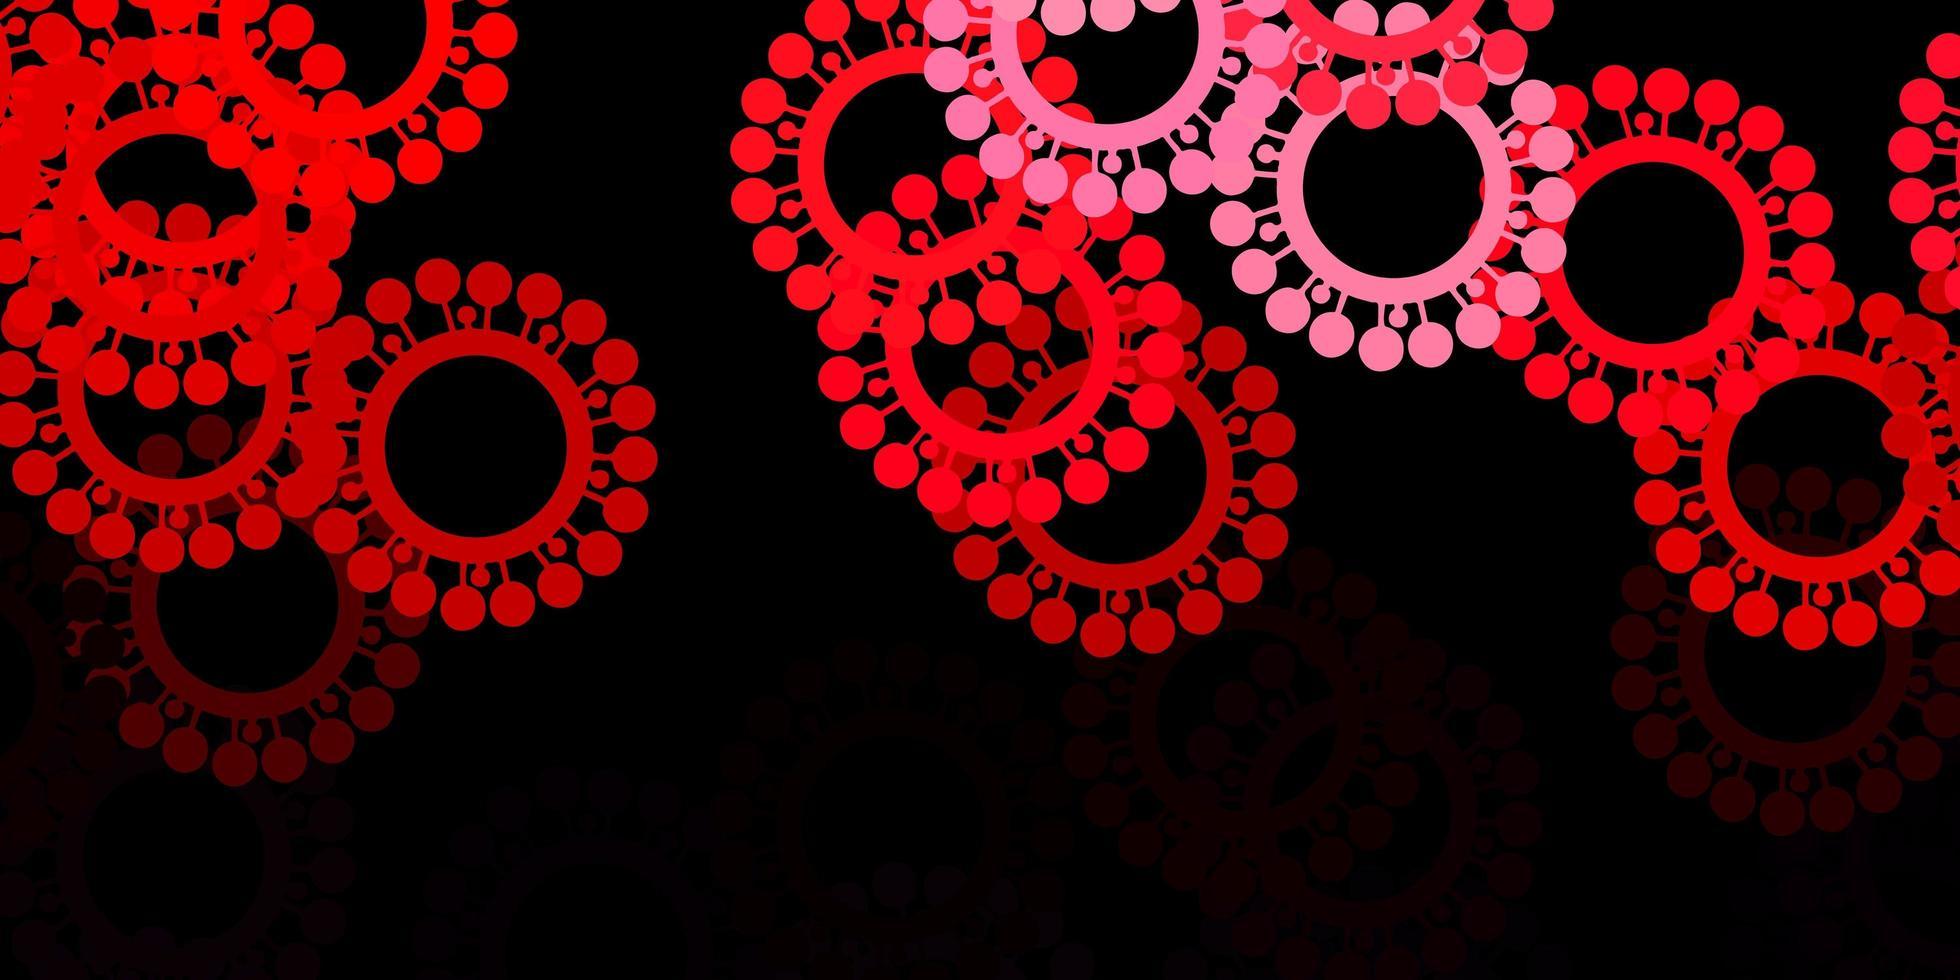 modello vettoriale rosa scuro, rosso con segni di influenza.